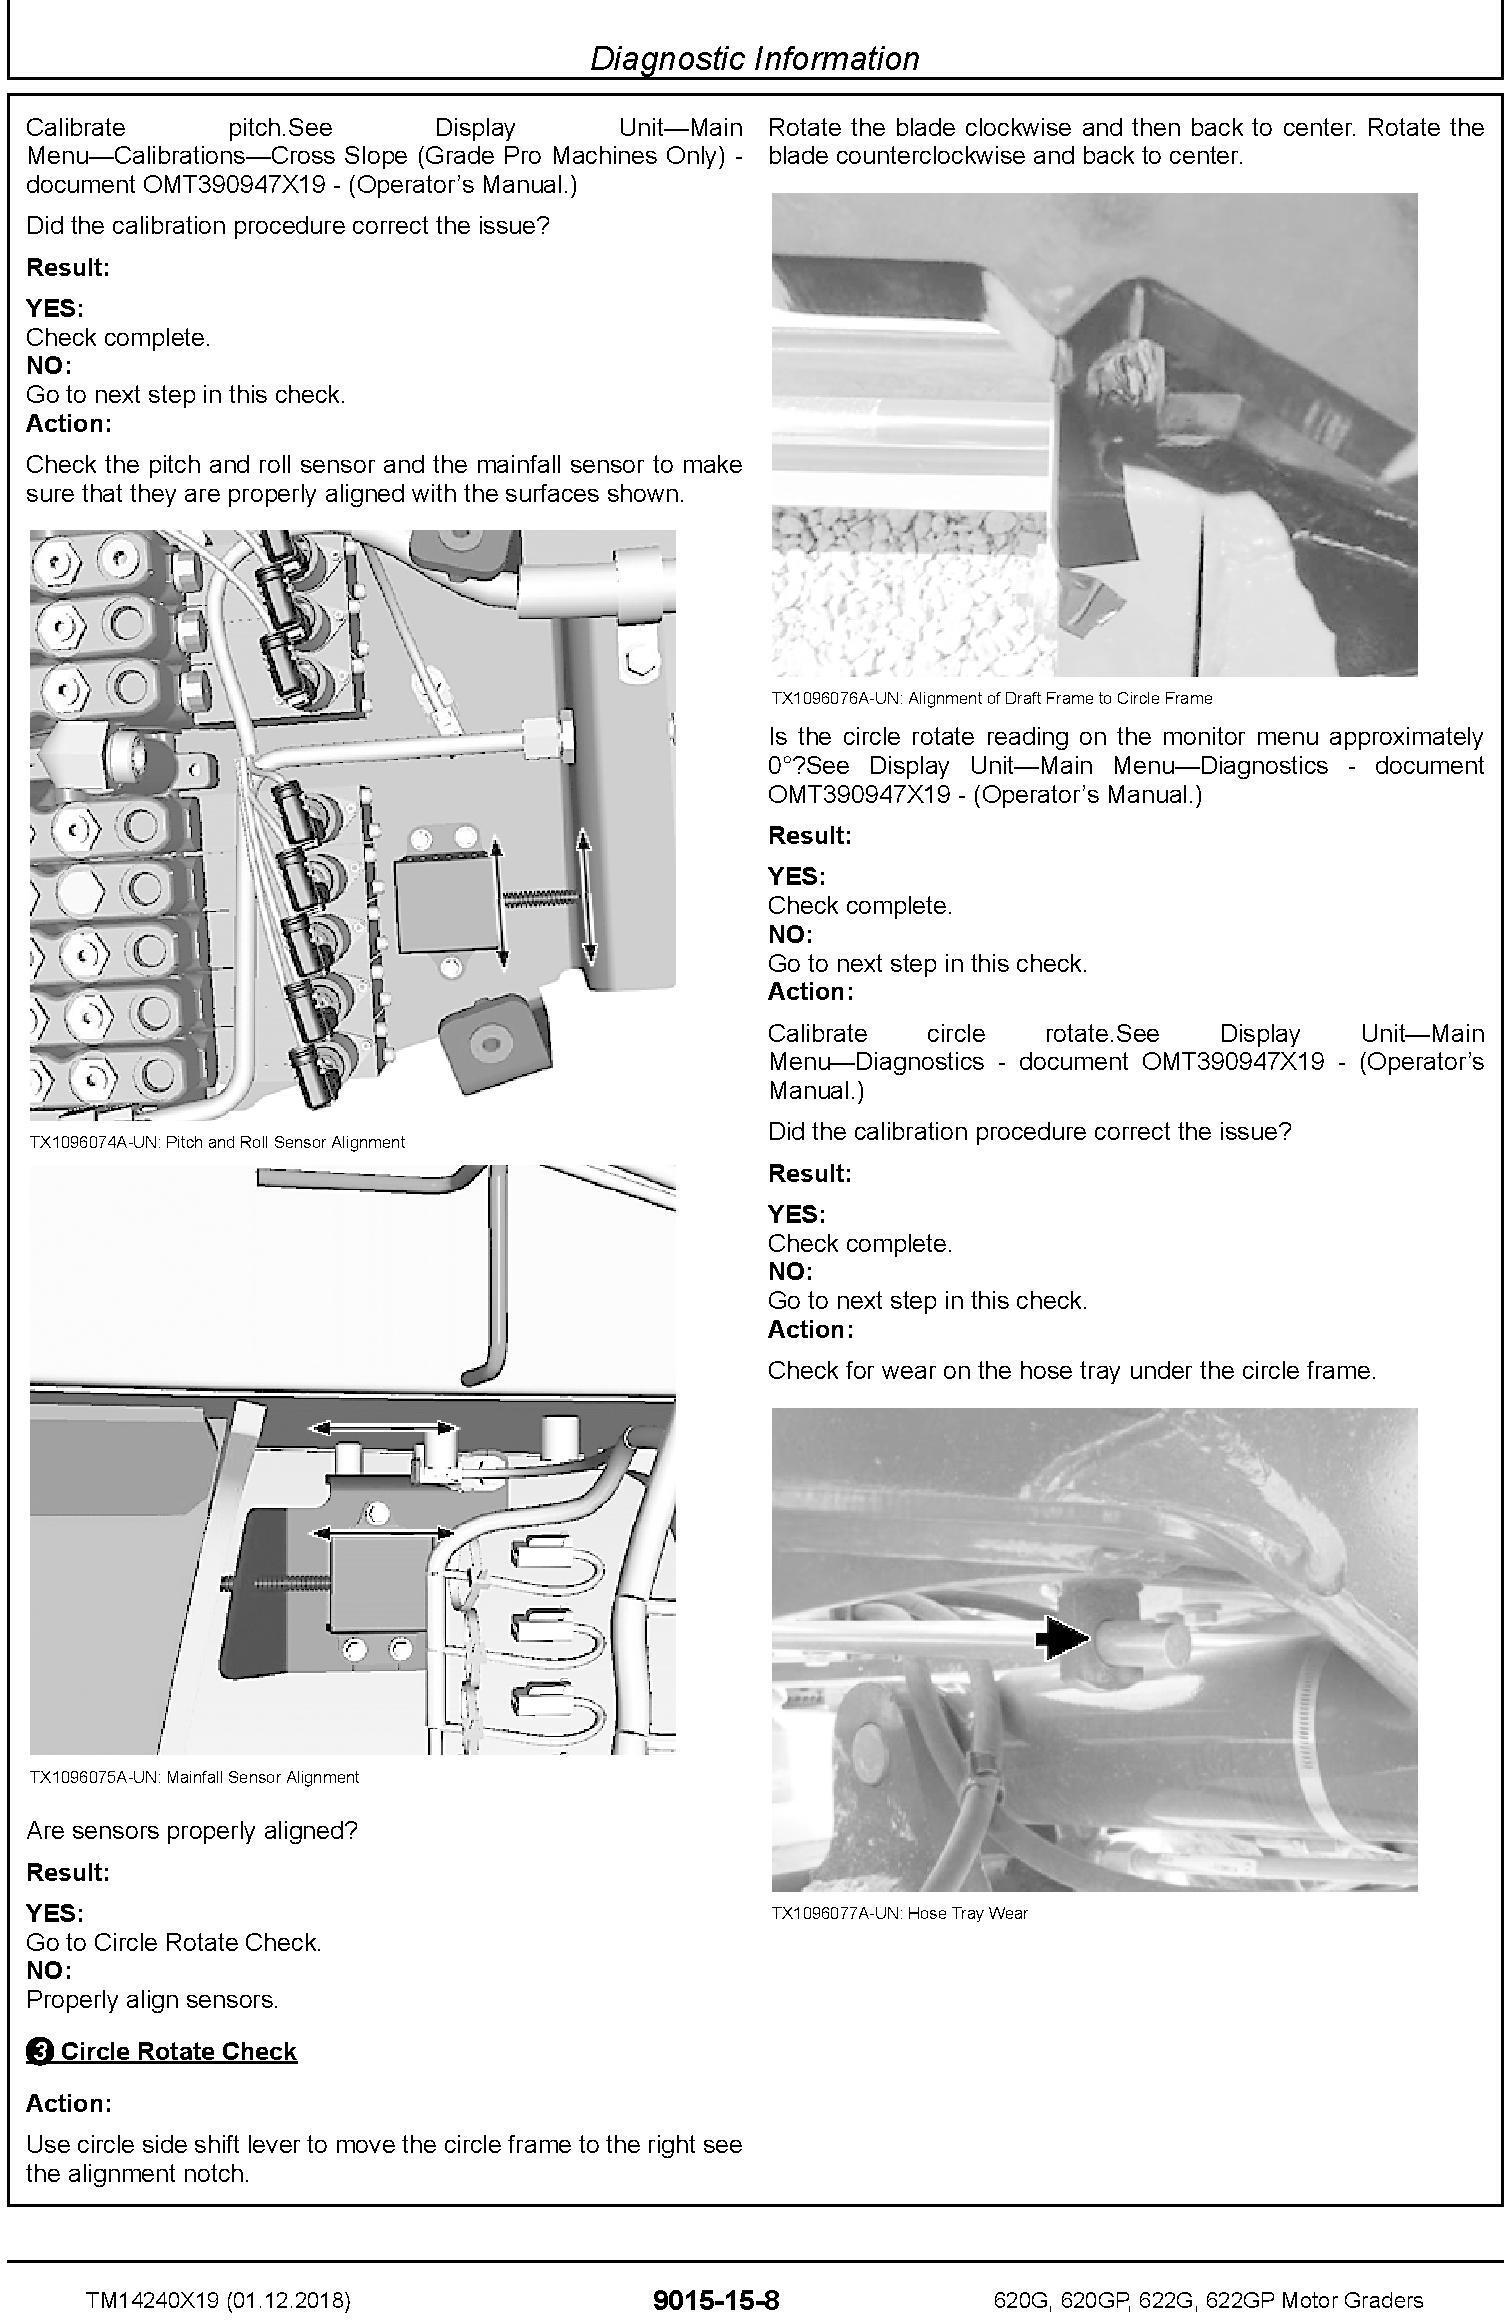 John Deere 620G,620GP,622G,622GP (SN.F680878-,L700954-) Motor Graders Diagnostic Manual (TM14240X19) - 2